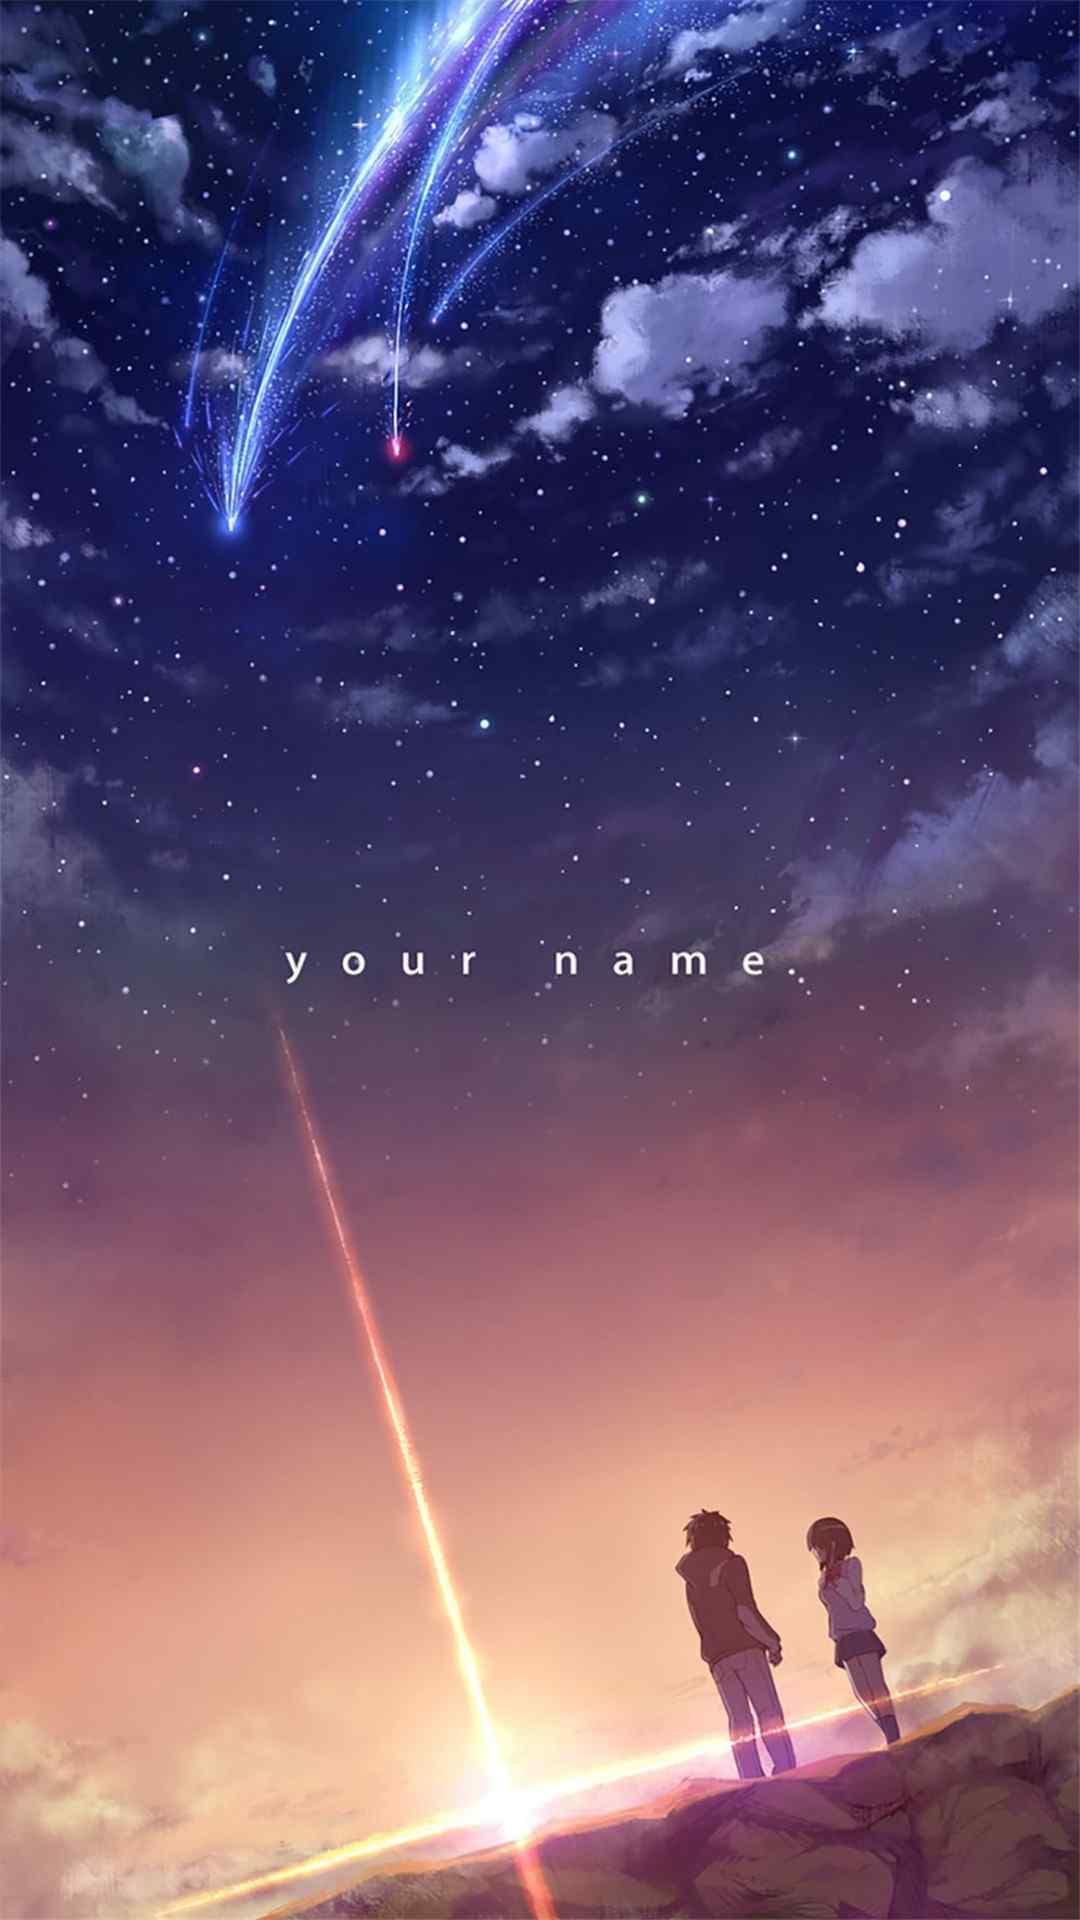 《你的名字》美丽星空唯美手机壁纸